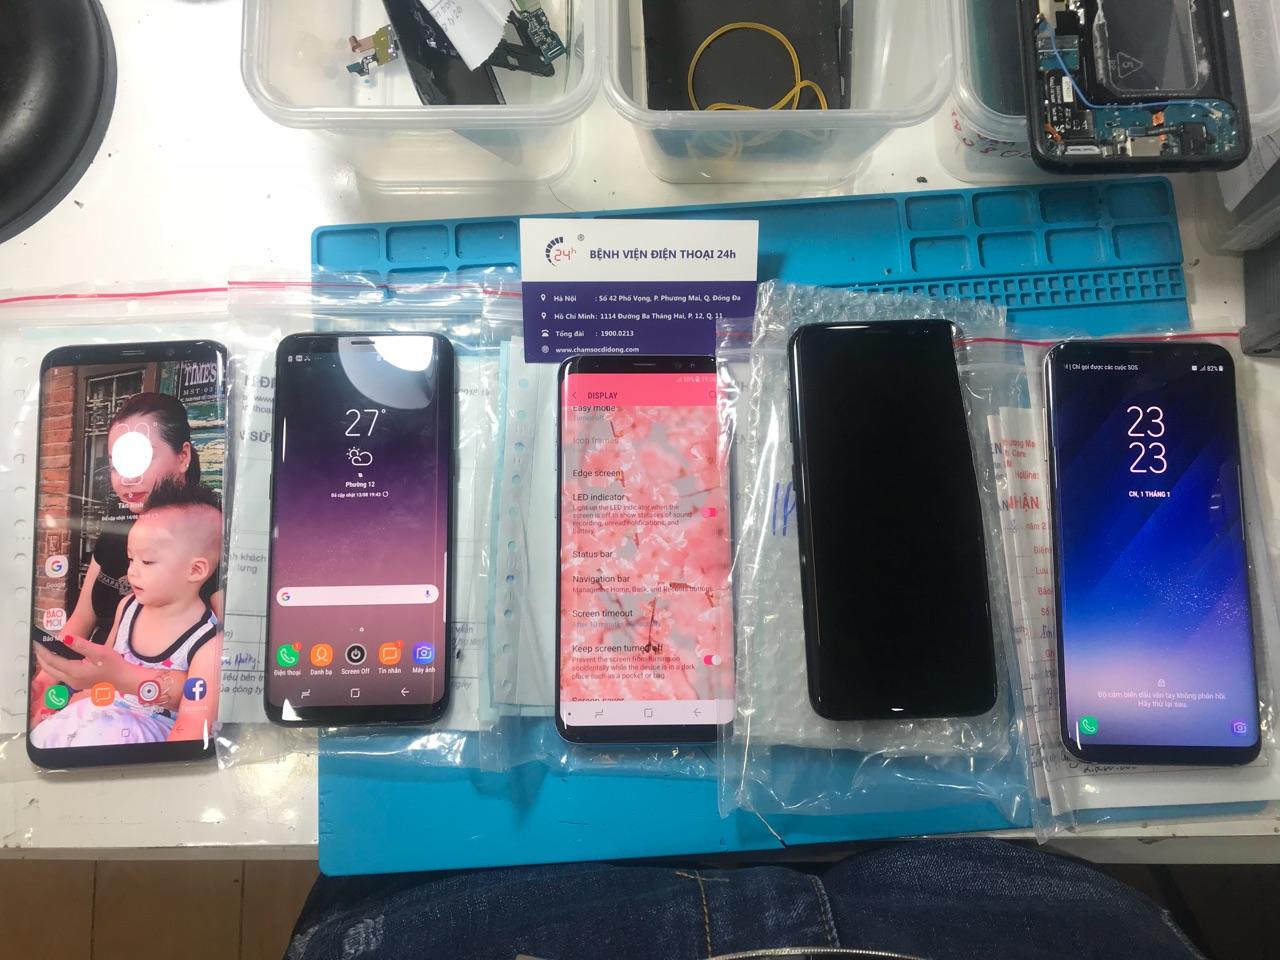 Thay màn hình mặt kính Samsung Galaxy S9, Samsung Galaxy S9 plus tại TPHCM & Hà Nội hình 4